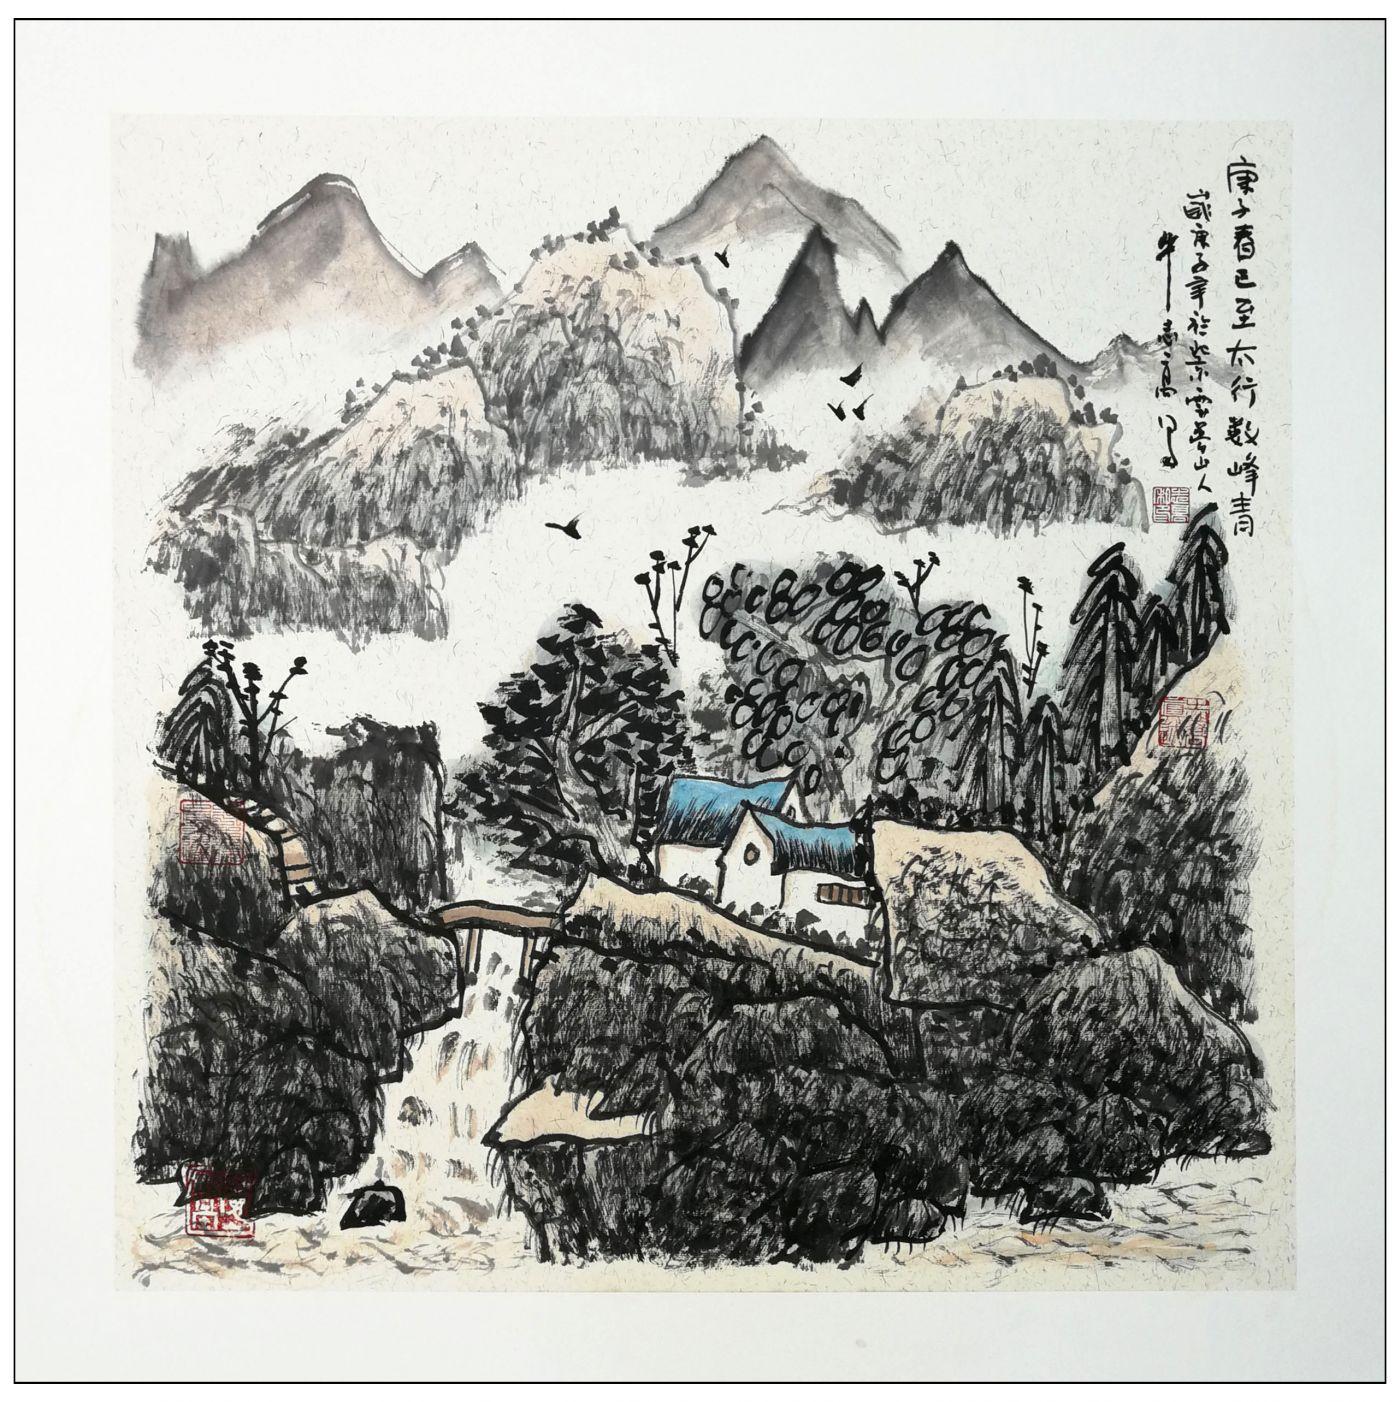 牛志高2020山水画新作-----2020.07.05_图1-3